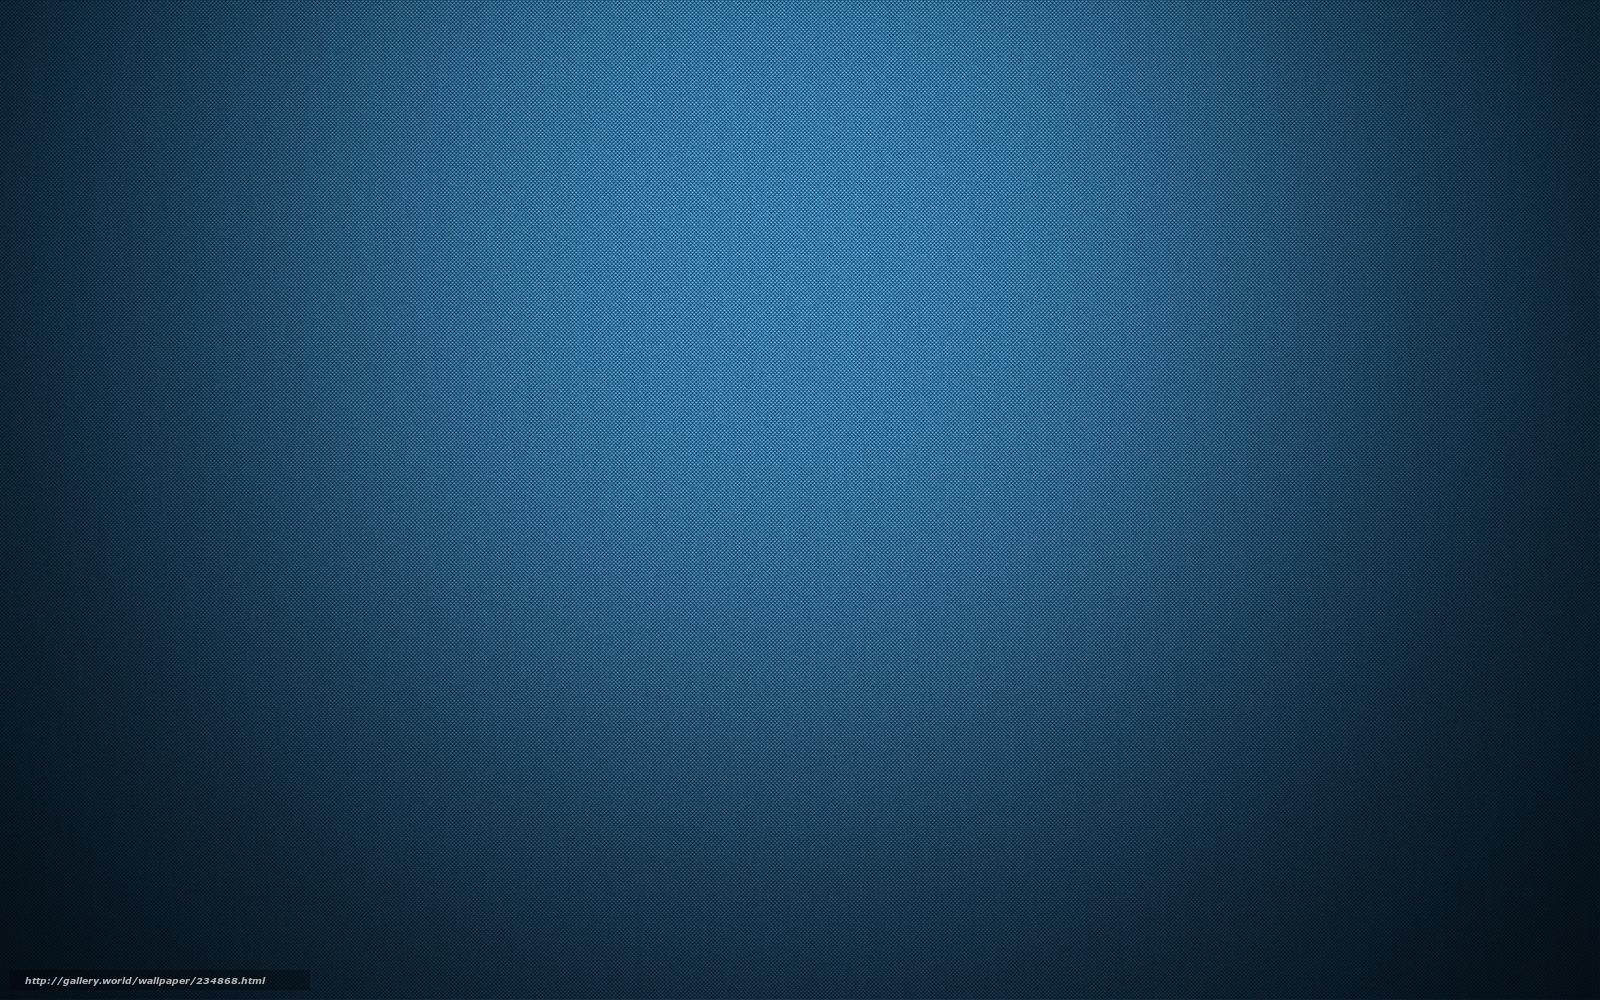 Tlcharger Fond D Ecran Bleu Textures Texture Fond Fonds D Ecran Gratuits Pour Votre Rsolution Du Bureau 2560x1600 Image 234868